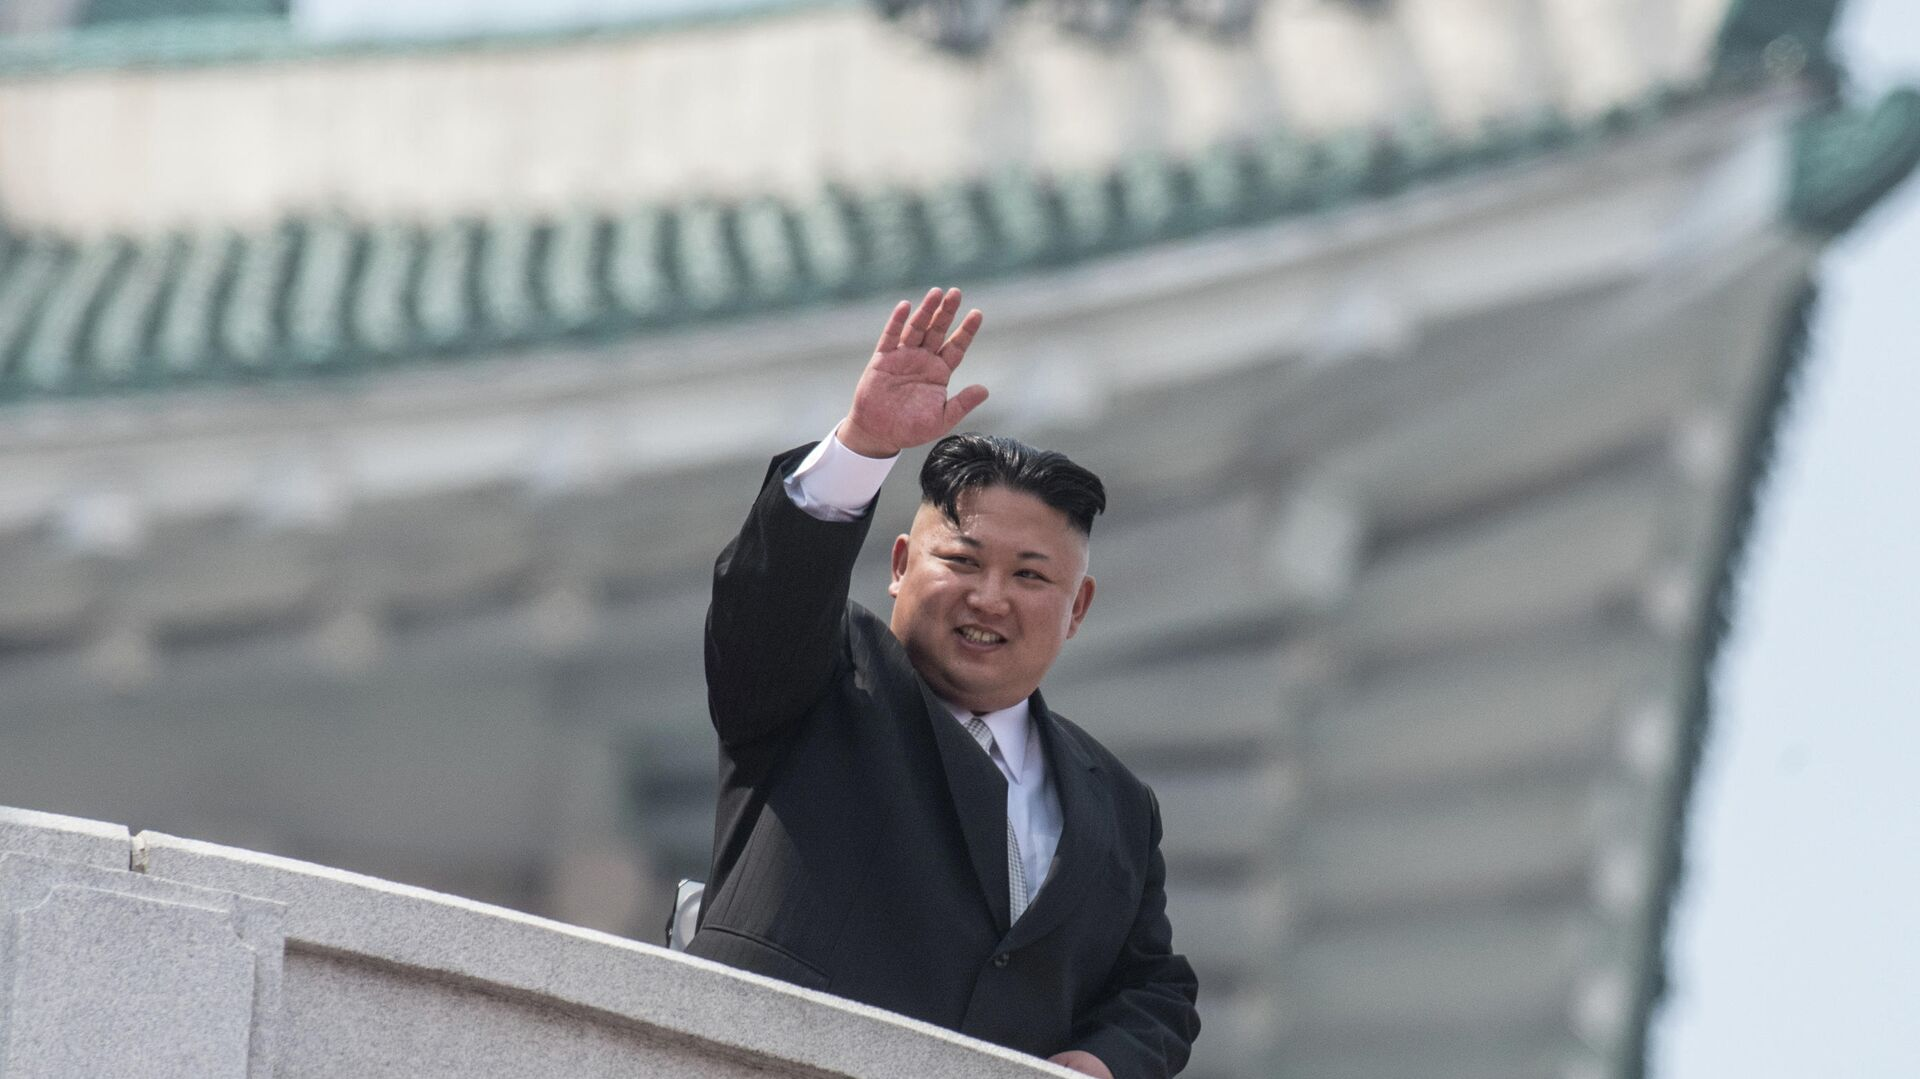 Глава КНДР Ким Чен Ын на военном параде в Пхеньяне по случаю 105-й годовщины со дня рождения основателя северокорейского государства Ким Ир Сена  - РИА Новости, 1920, 10.10.2020